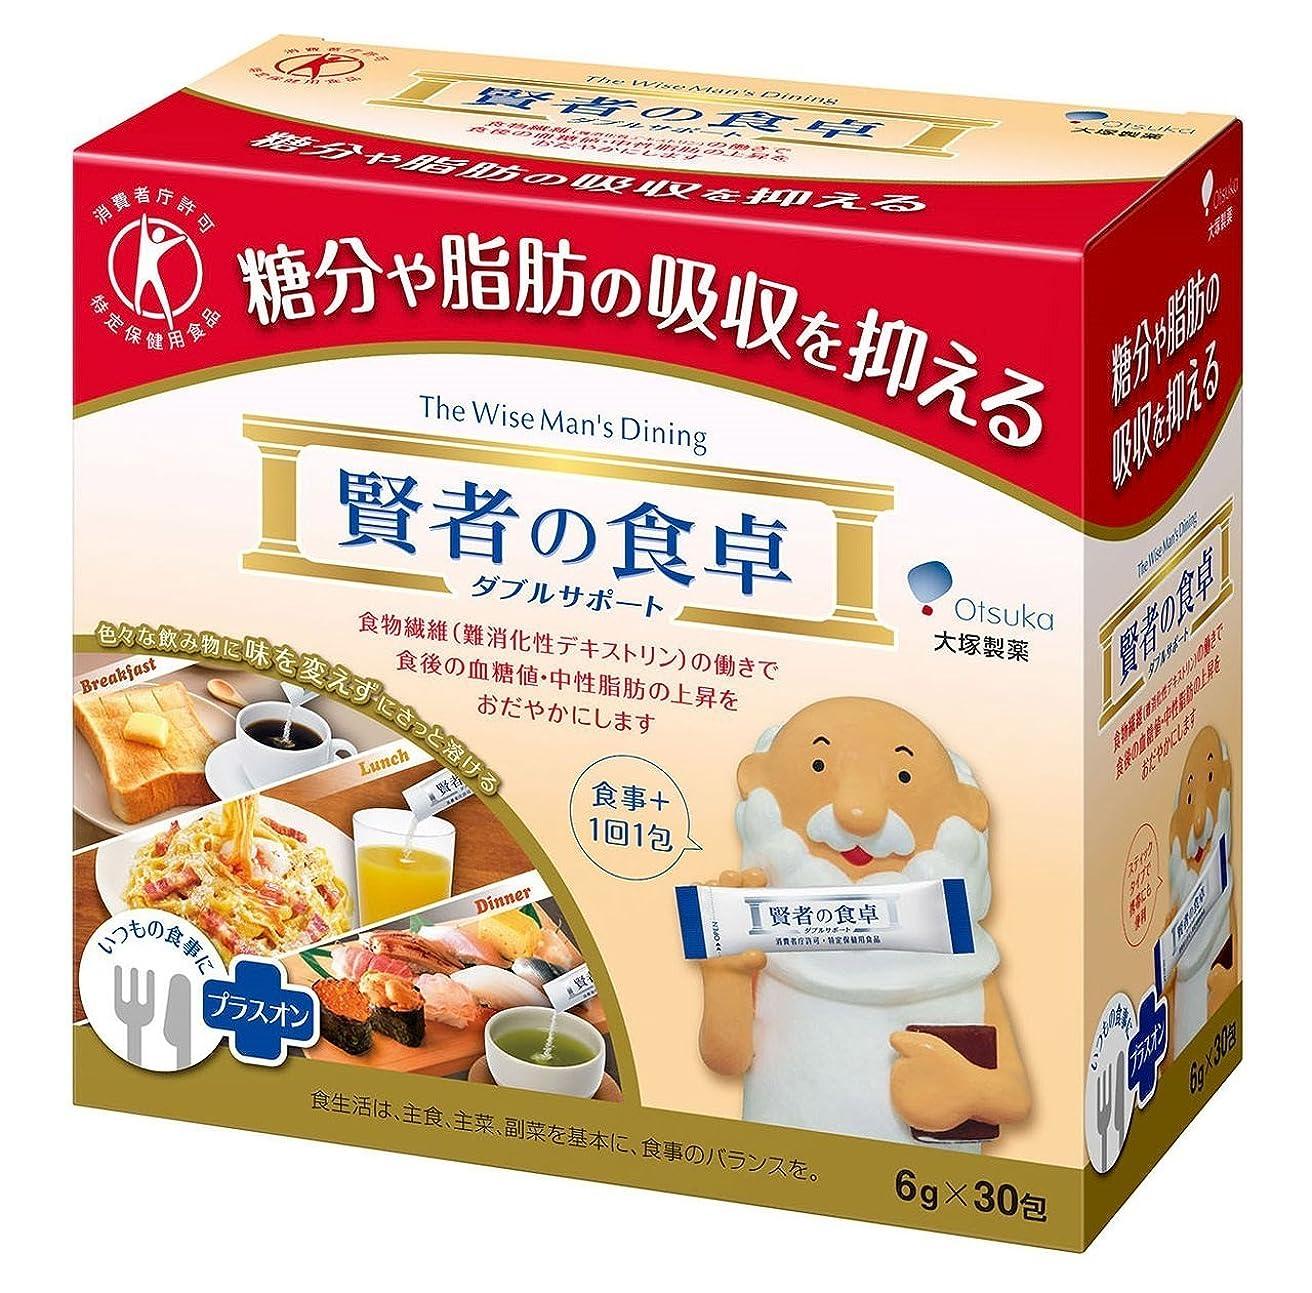 自伝一ダイヤル賢者の食卓ダブルサポート(30包)3個セット